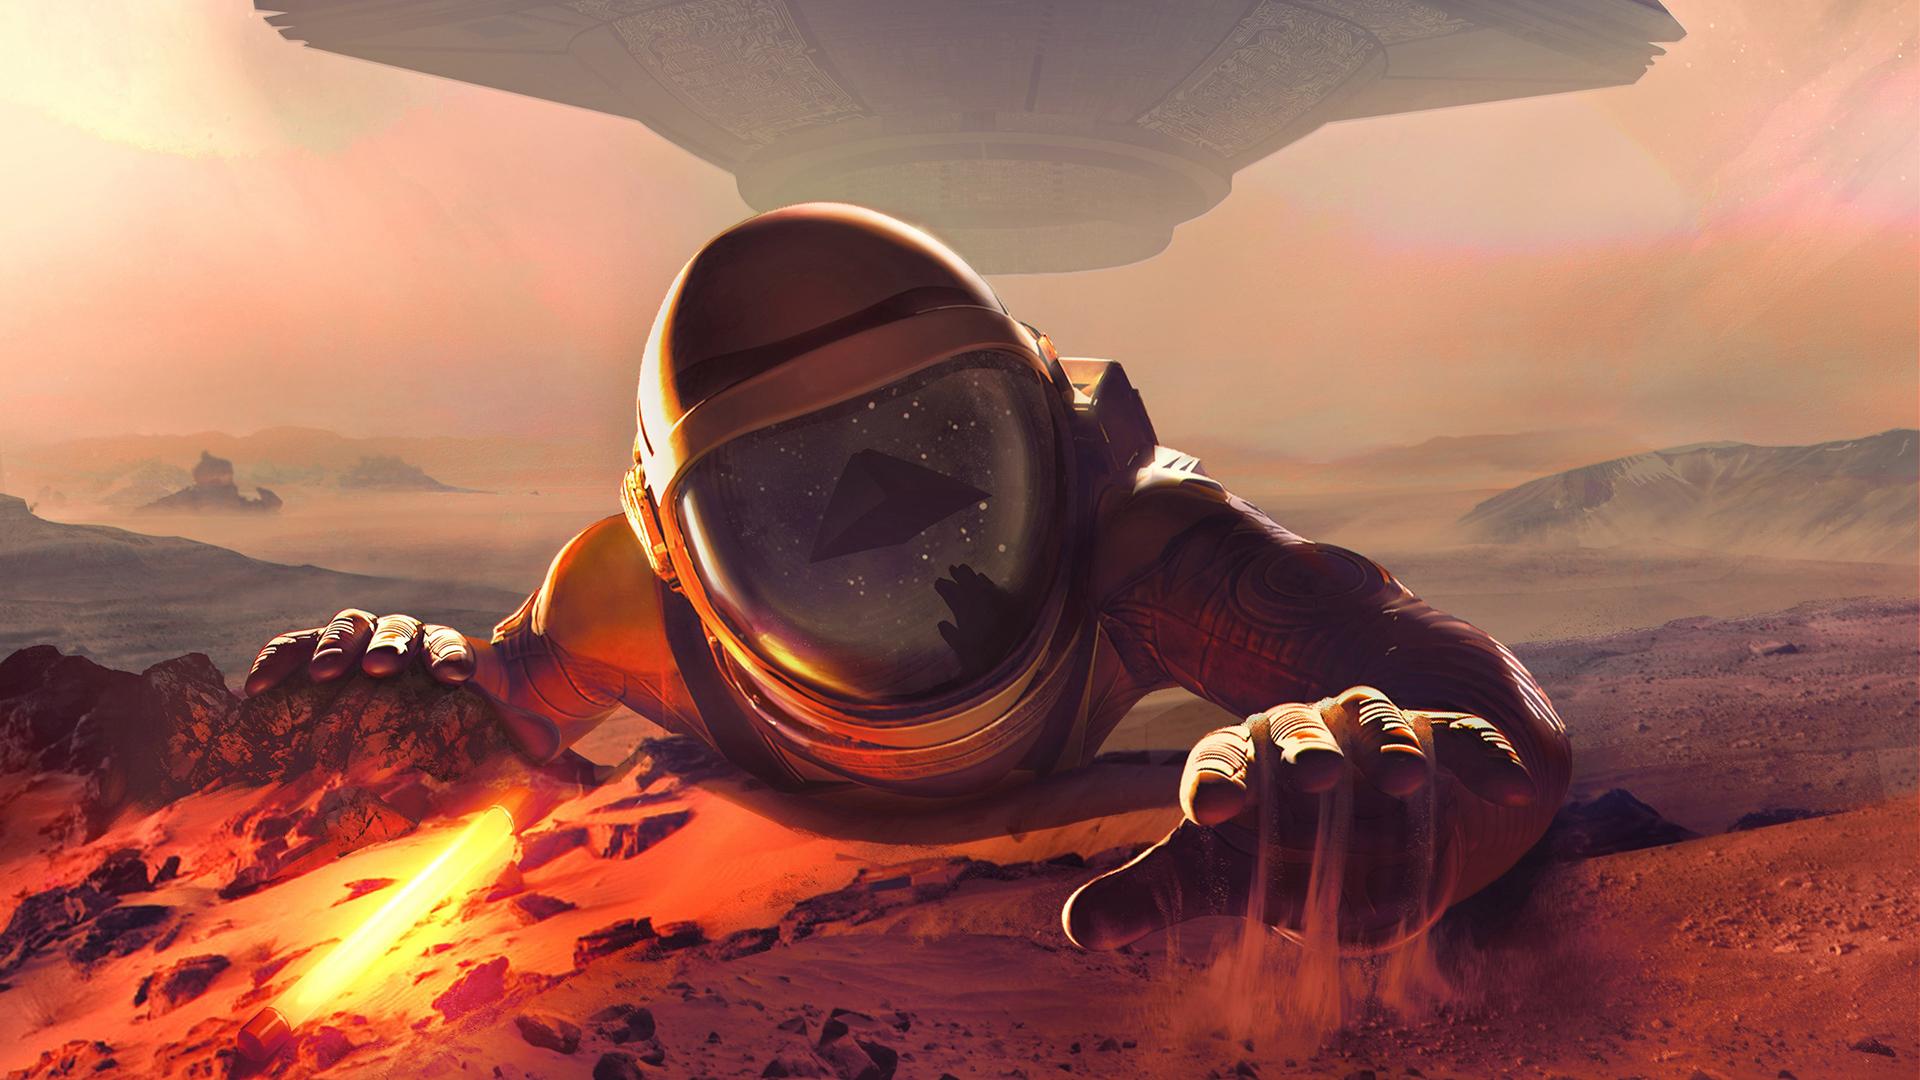 Стала известна дата выхода космического триллера Downward Spiral: Horus Station